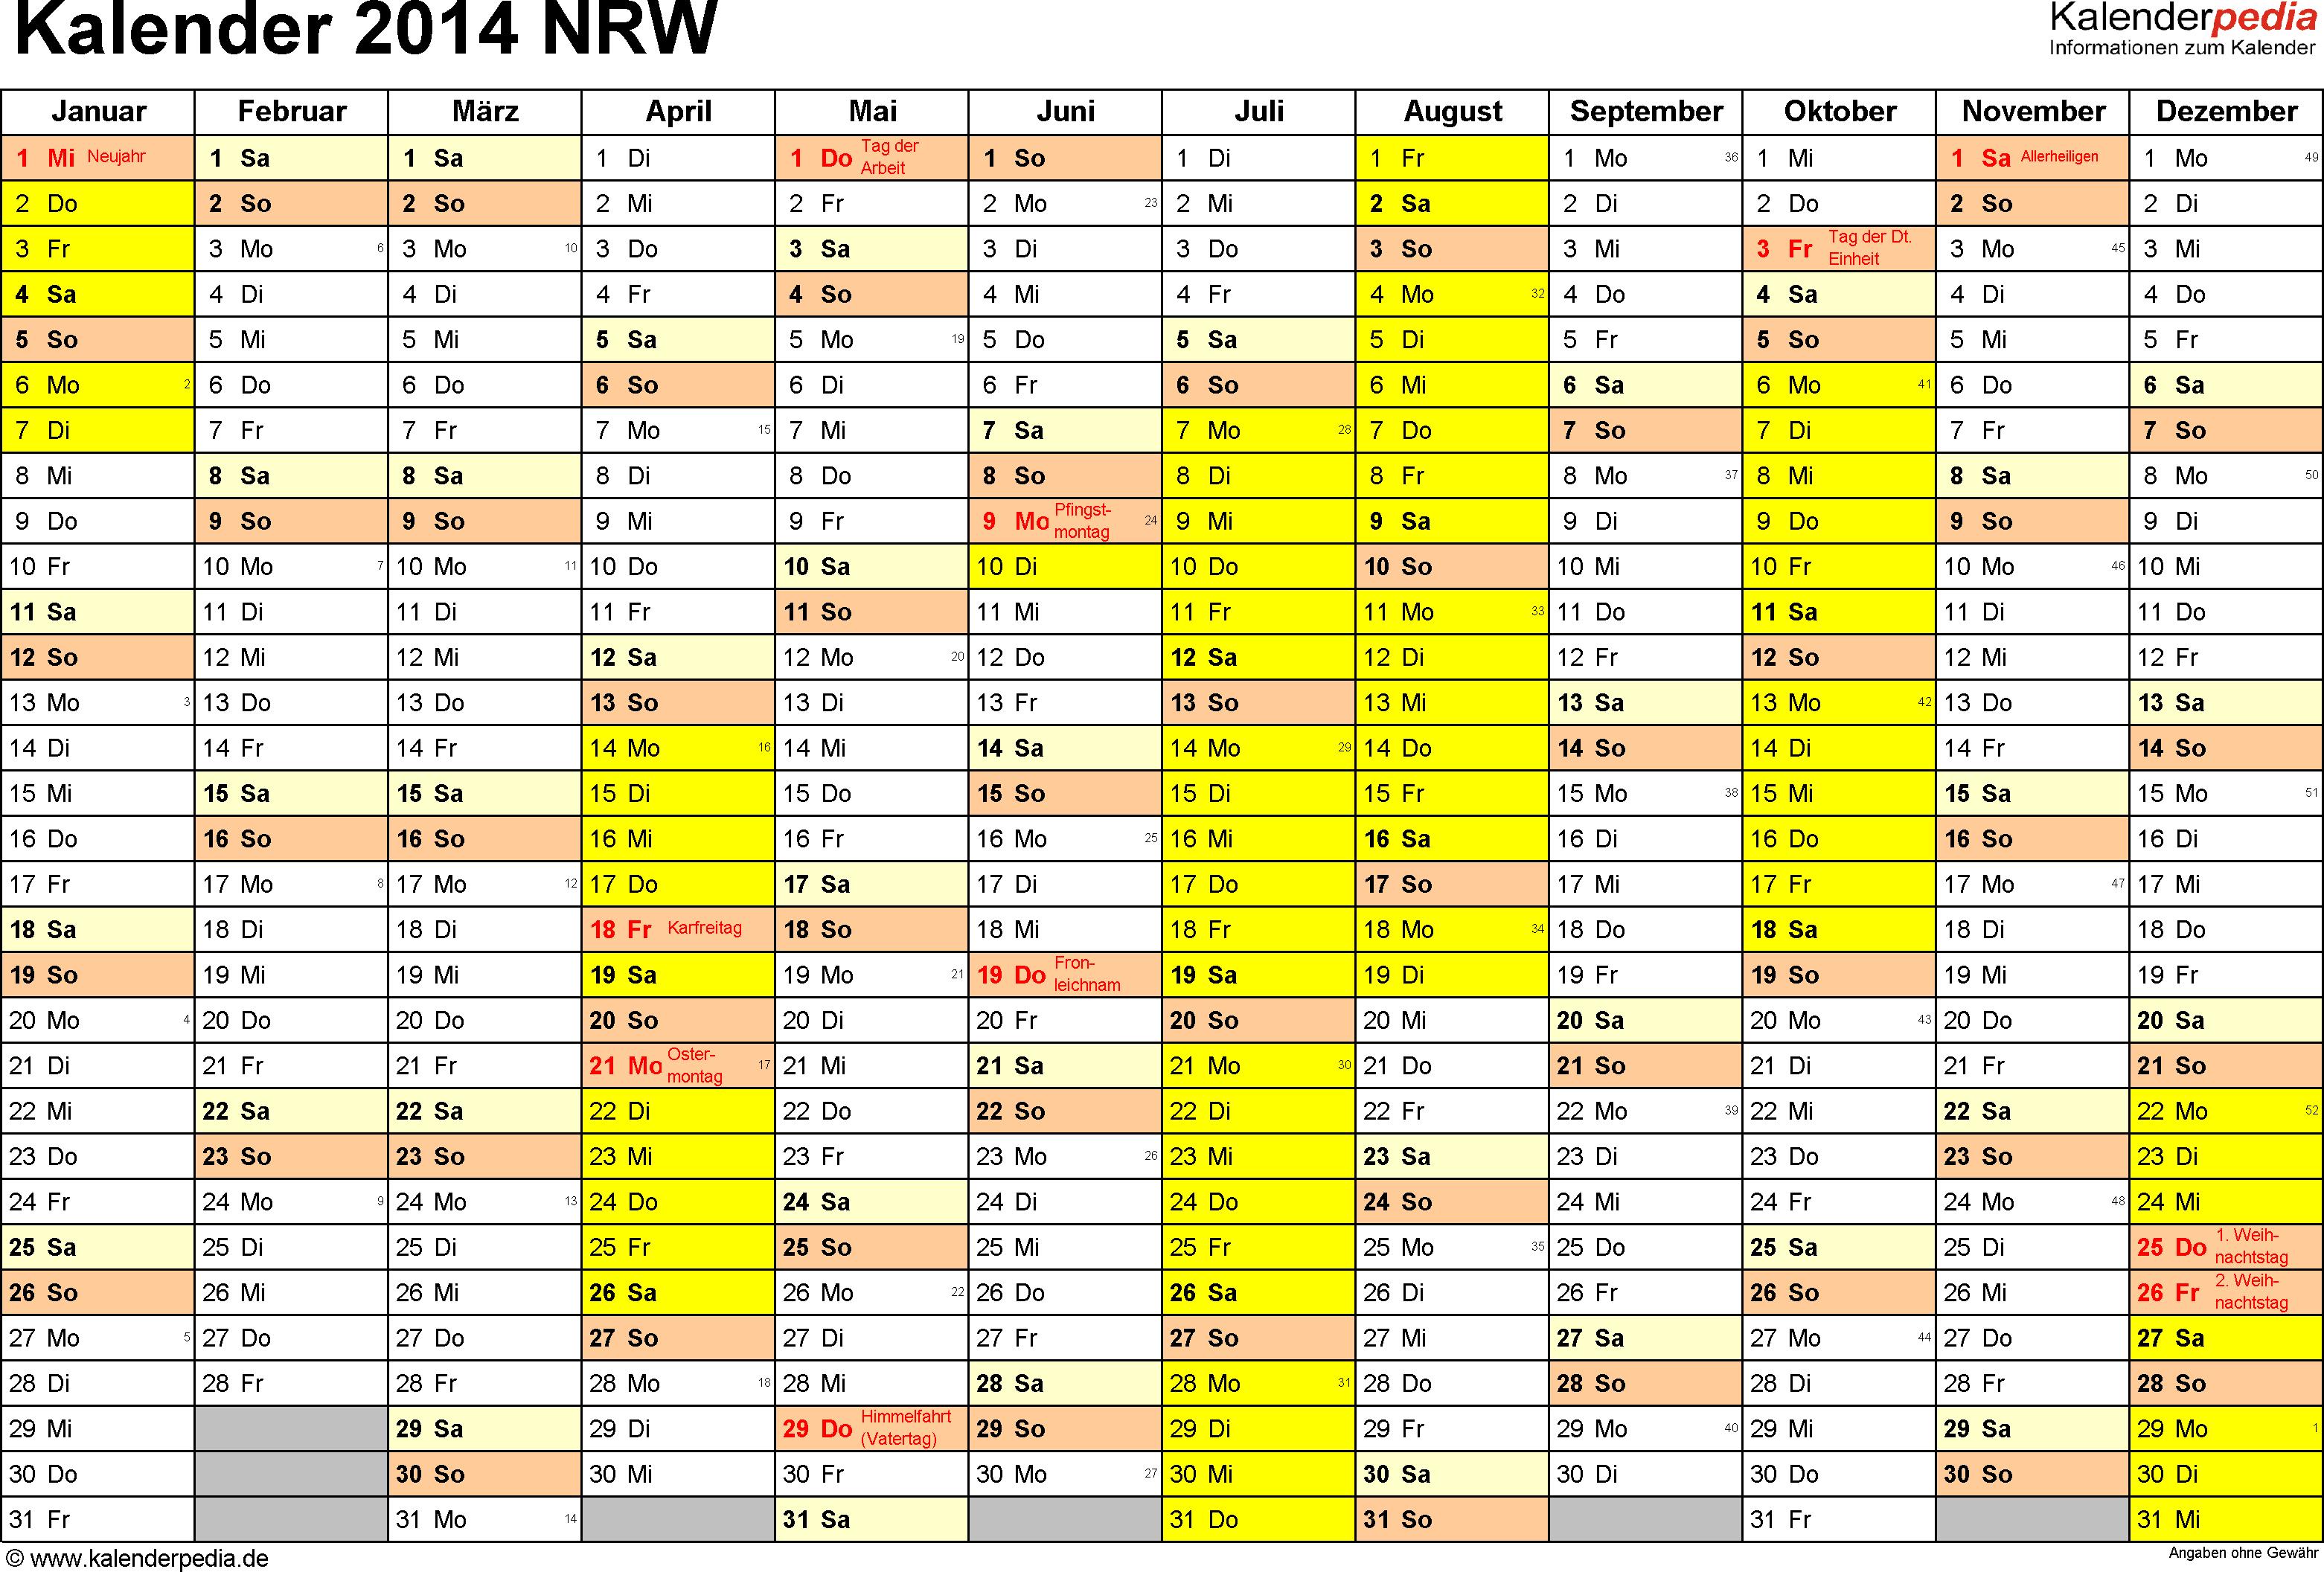 Vorlage 1: Kalender 2014 für Nordrhein-Westfalen (NRW) als Excel-Vorlage (Querformat, 1 Seite)